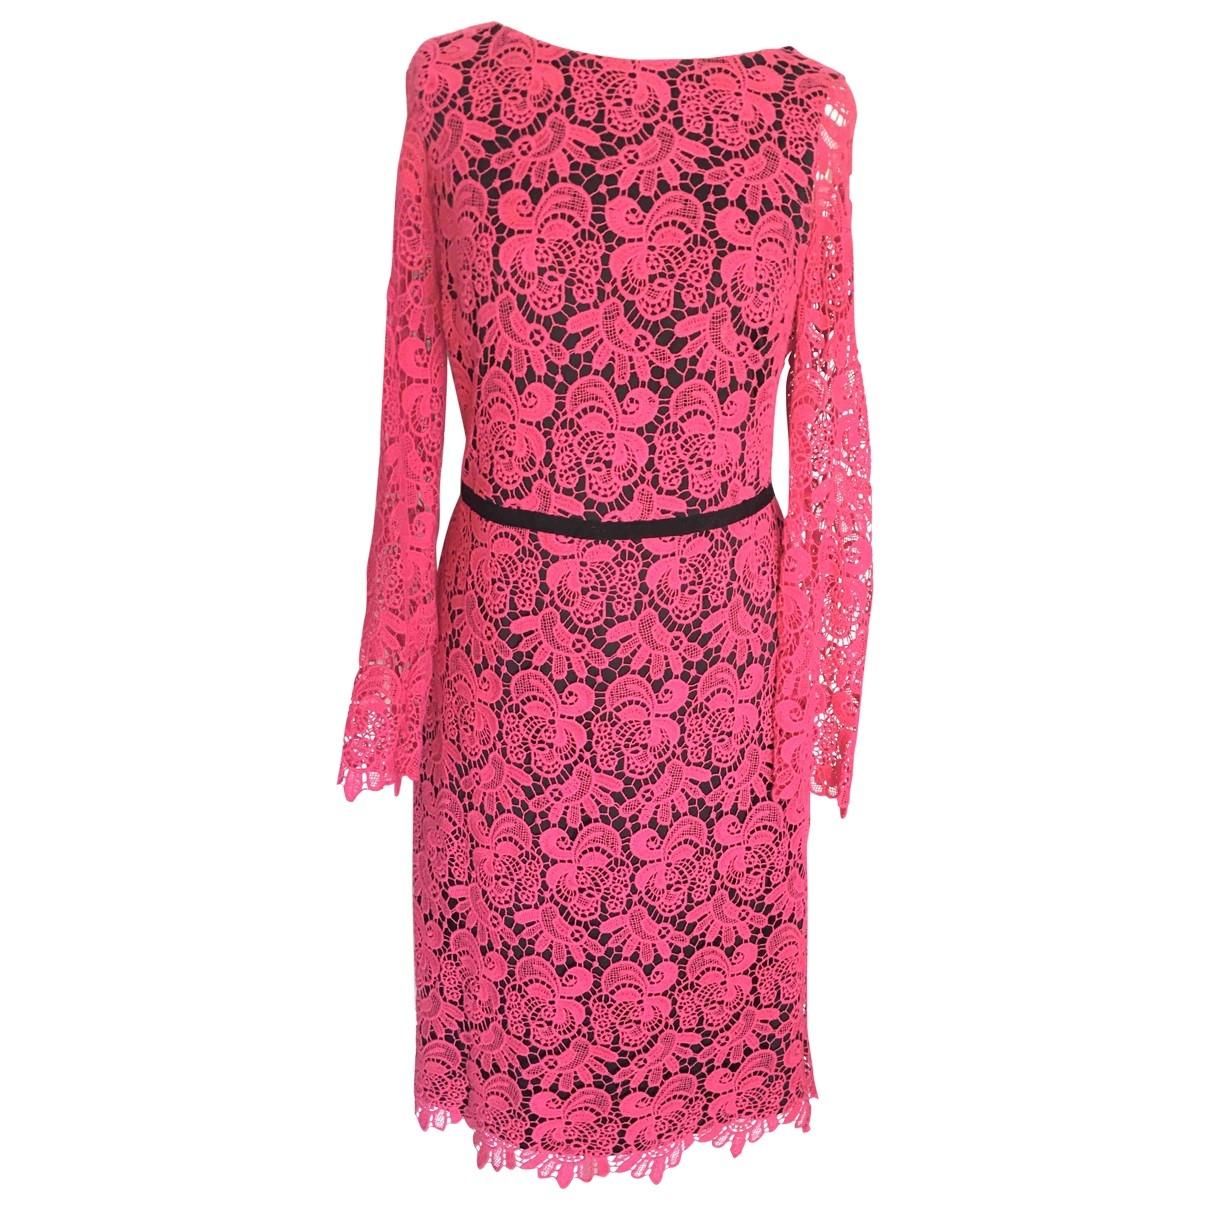 Mango \N Kleid in  Rosa Baumwolle - Elasthan